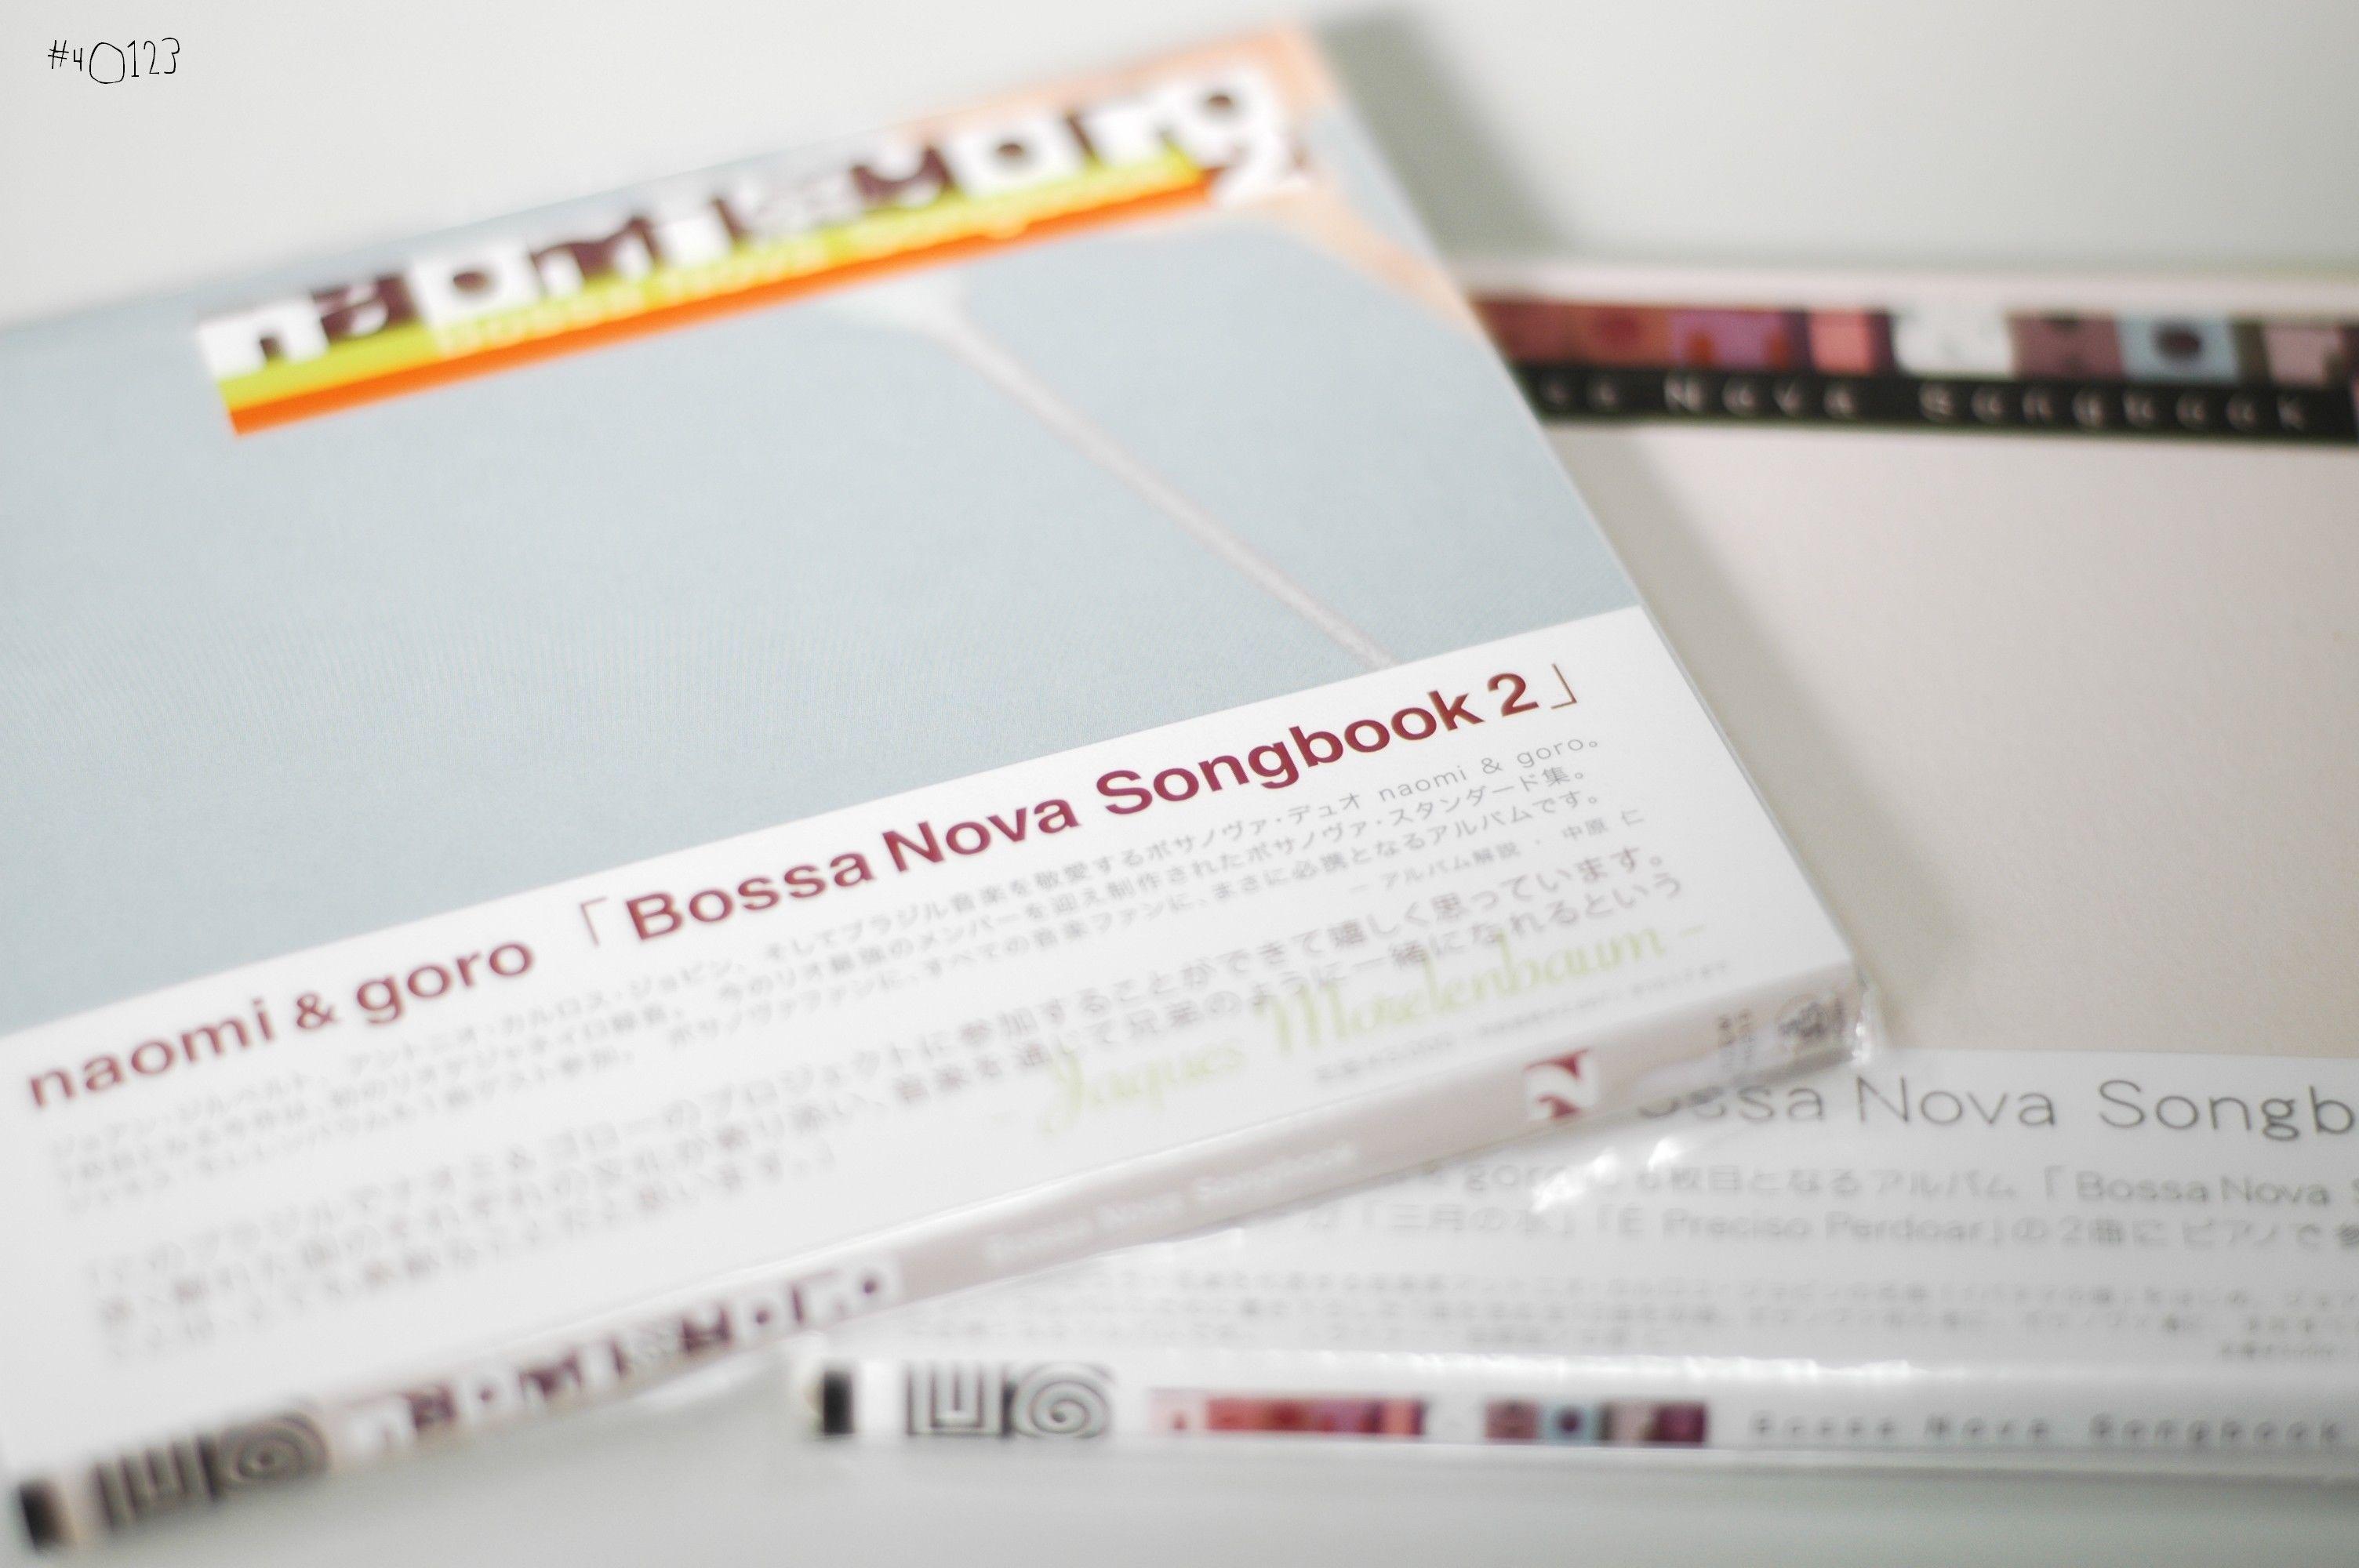 CD Bossa